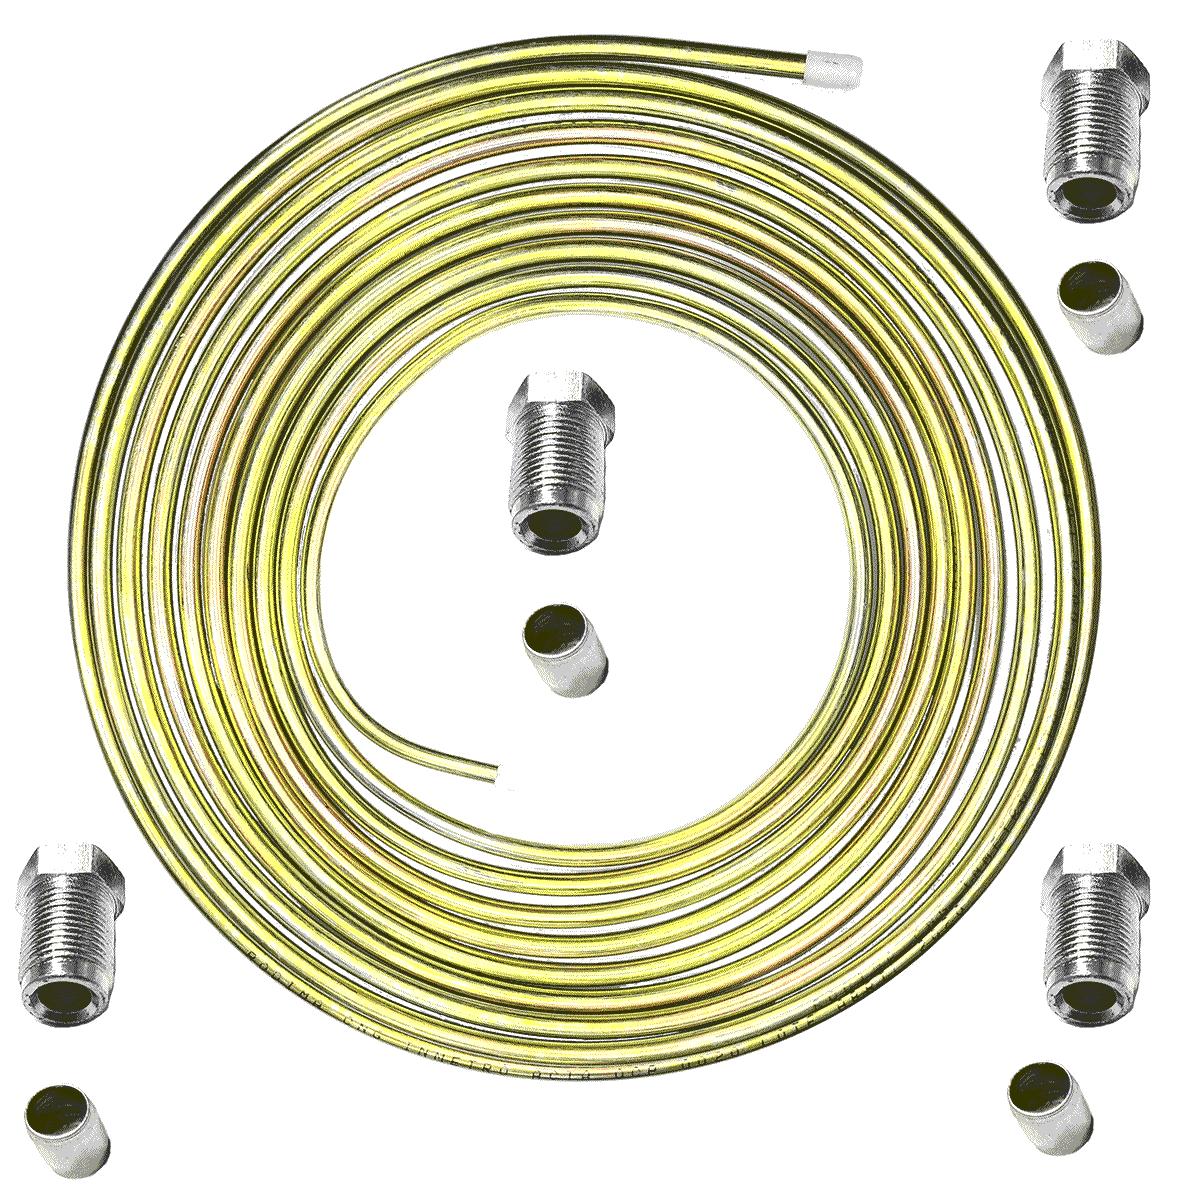 Kit Tubo de Alta GNV Revestido 4 Niples e Anilhas Qualquer Geração